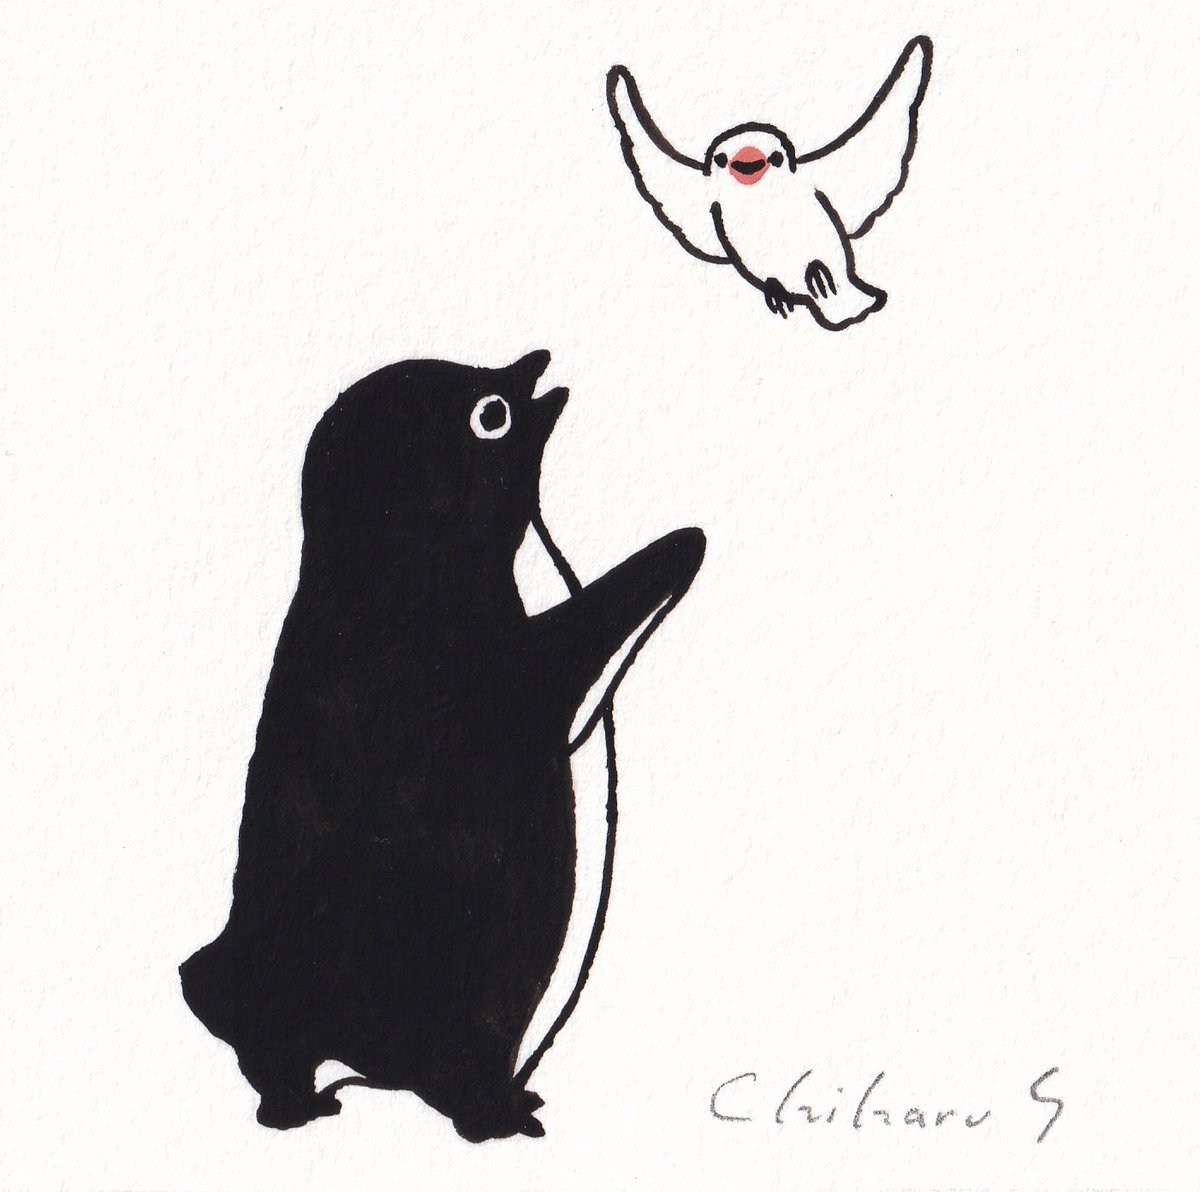 ぶんちょう もういっちょう#文鳥投入 #ペンギン百態